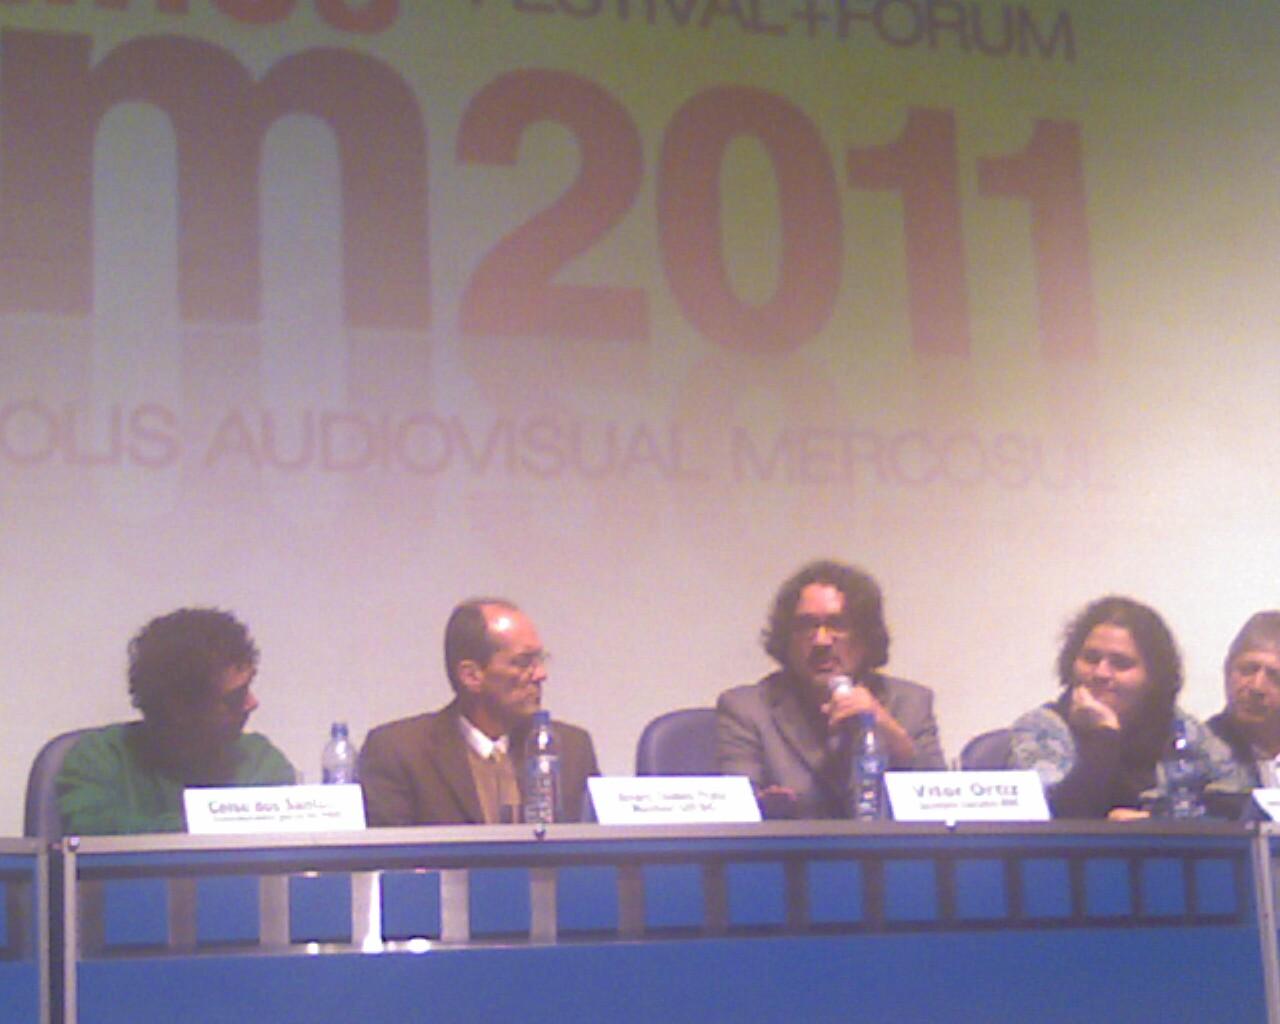 #start: @FAMcinema